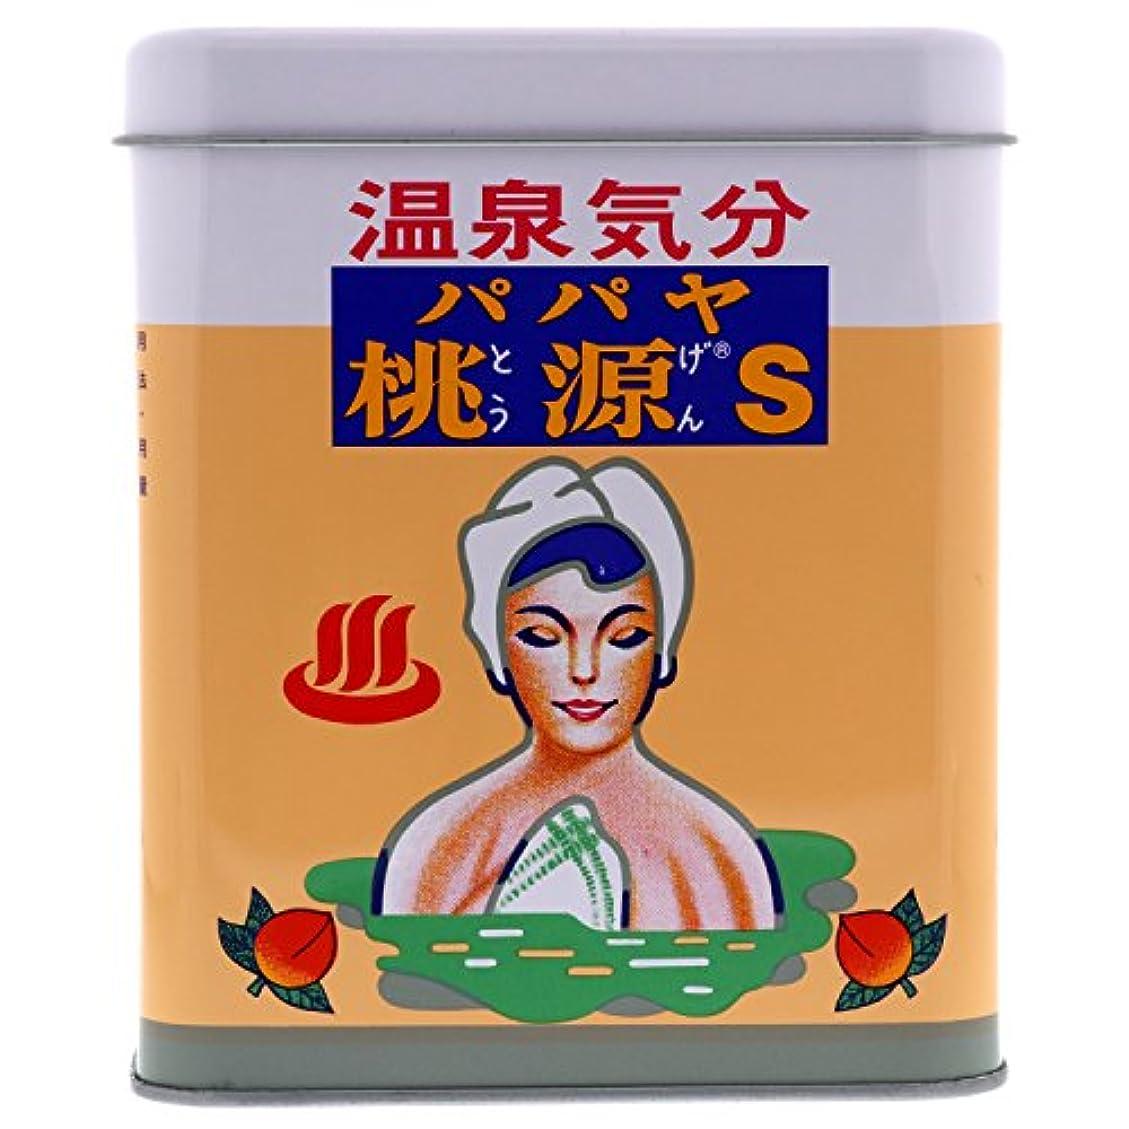 変な固有のそれに応じてパパヤ桃源S 700g 缶 [医薬部外品]